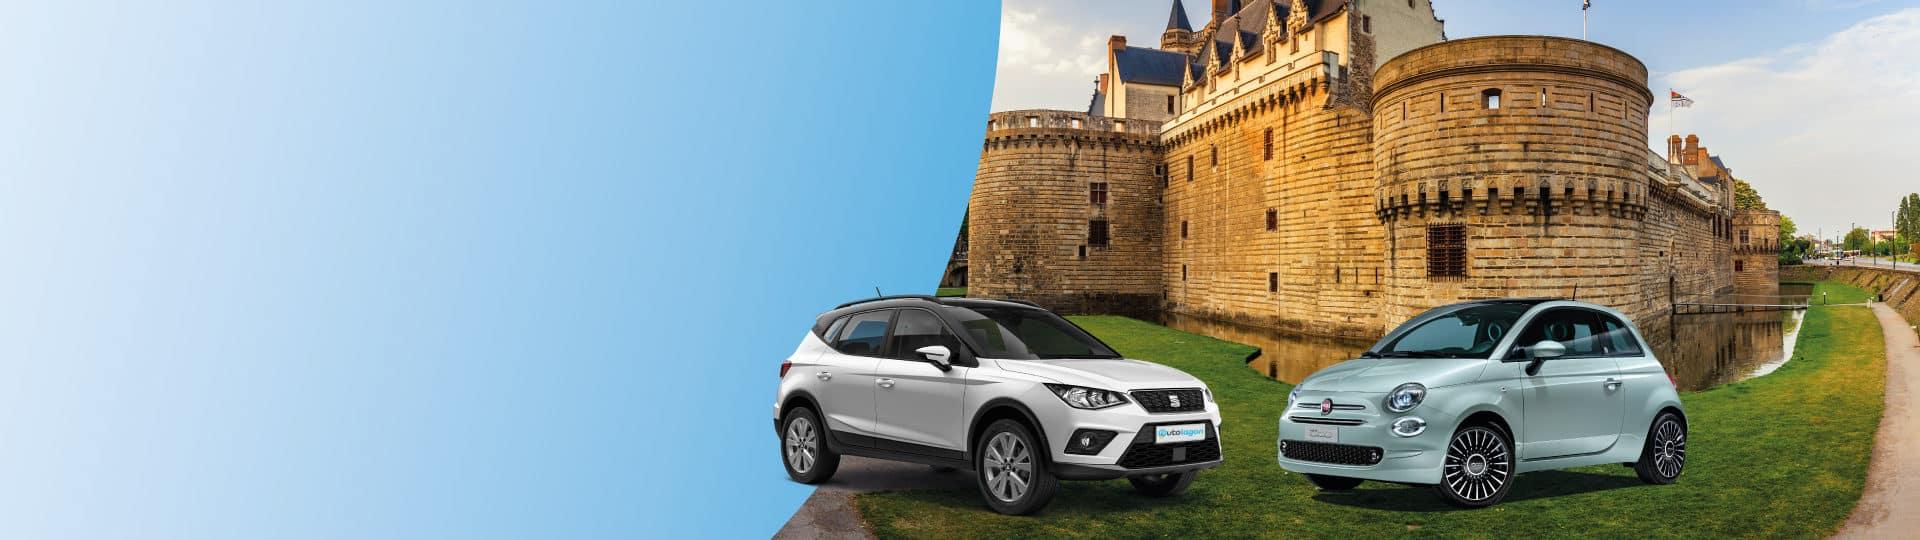 Réservez votre voiture de location au meilleur prix à Nantes